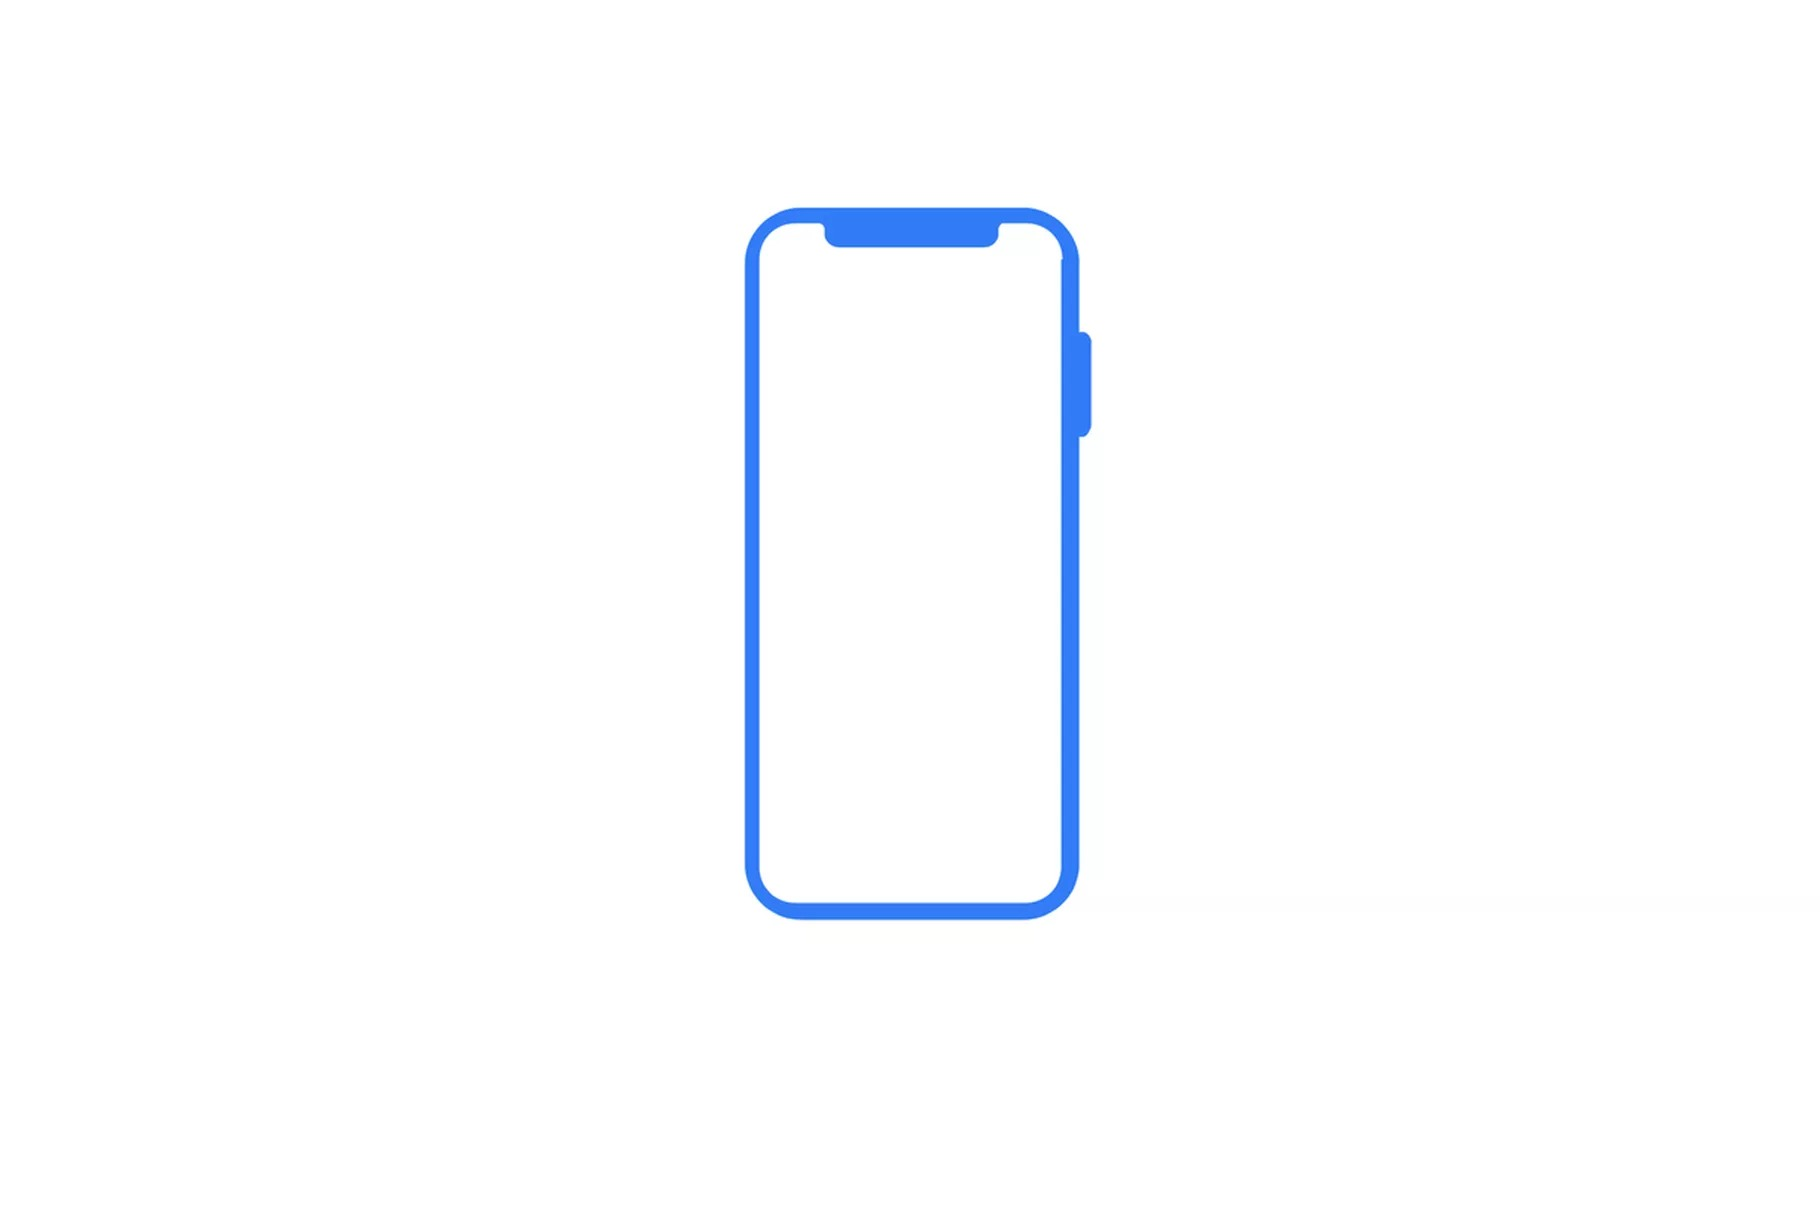 iphone x plus ikon